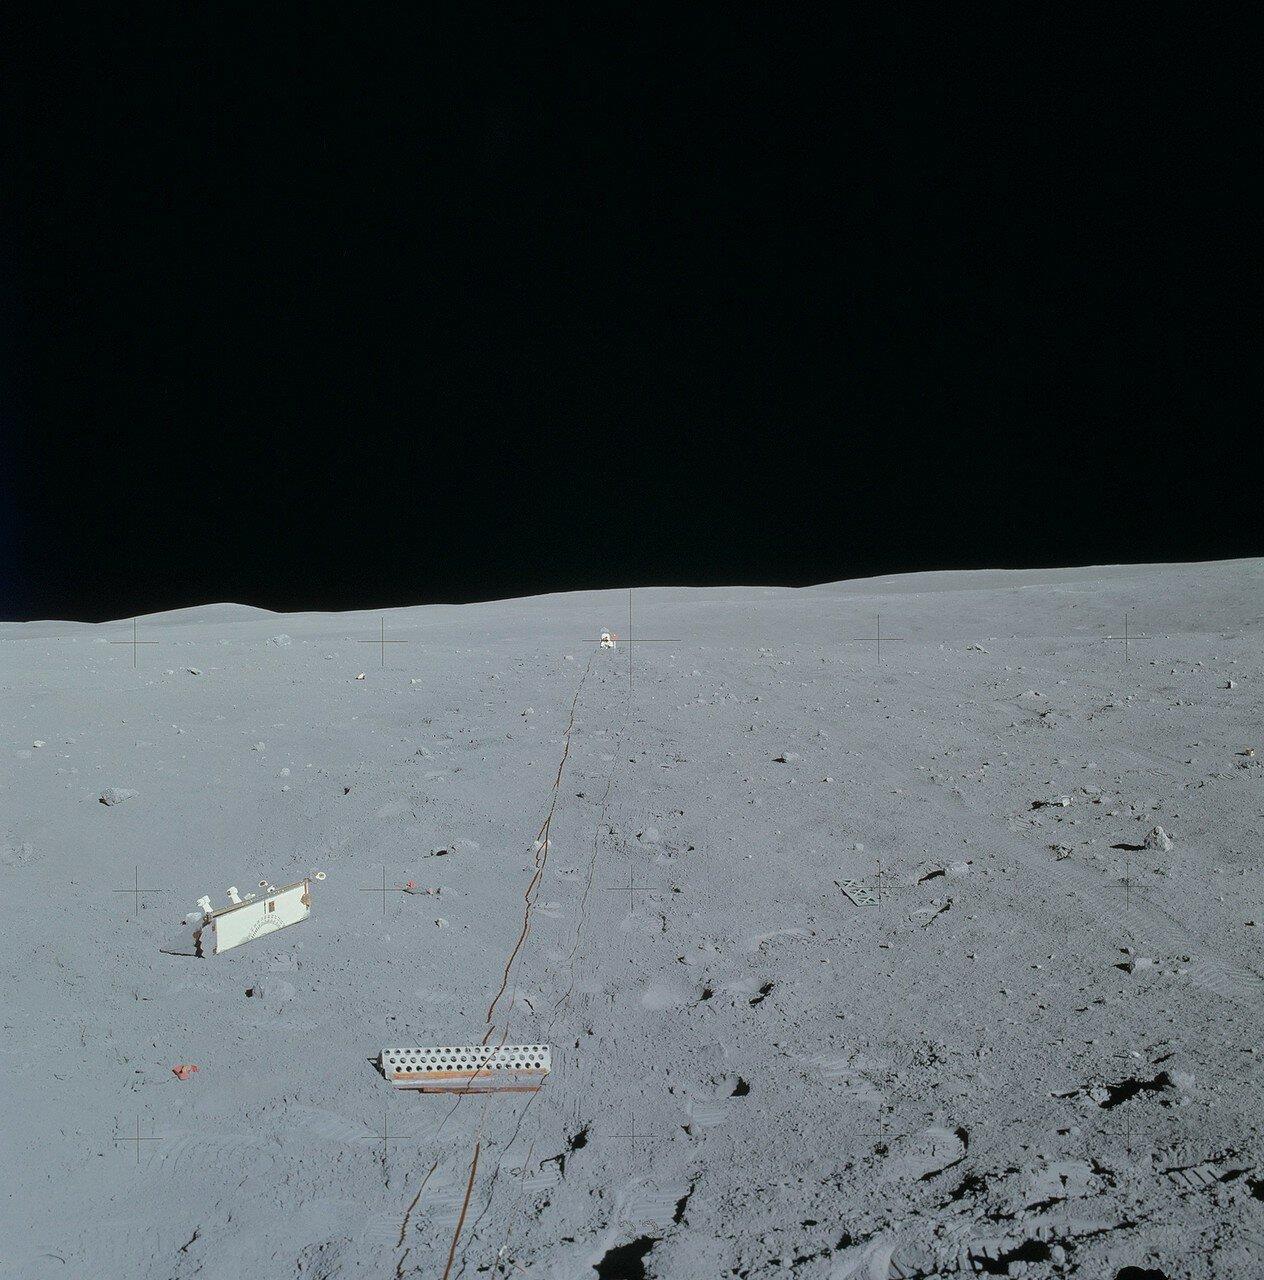 Затем оба астронавта протянули кабель с тремя геофонами для активного сейсмического эксперимента.На снимке: Протянутый геофонный кабель. В самом центре снимка виден Джон Янг на дальнем конце кабеля